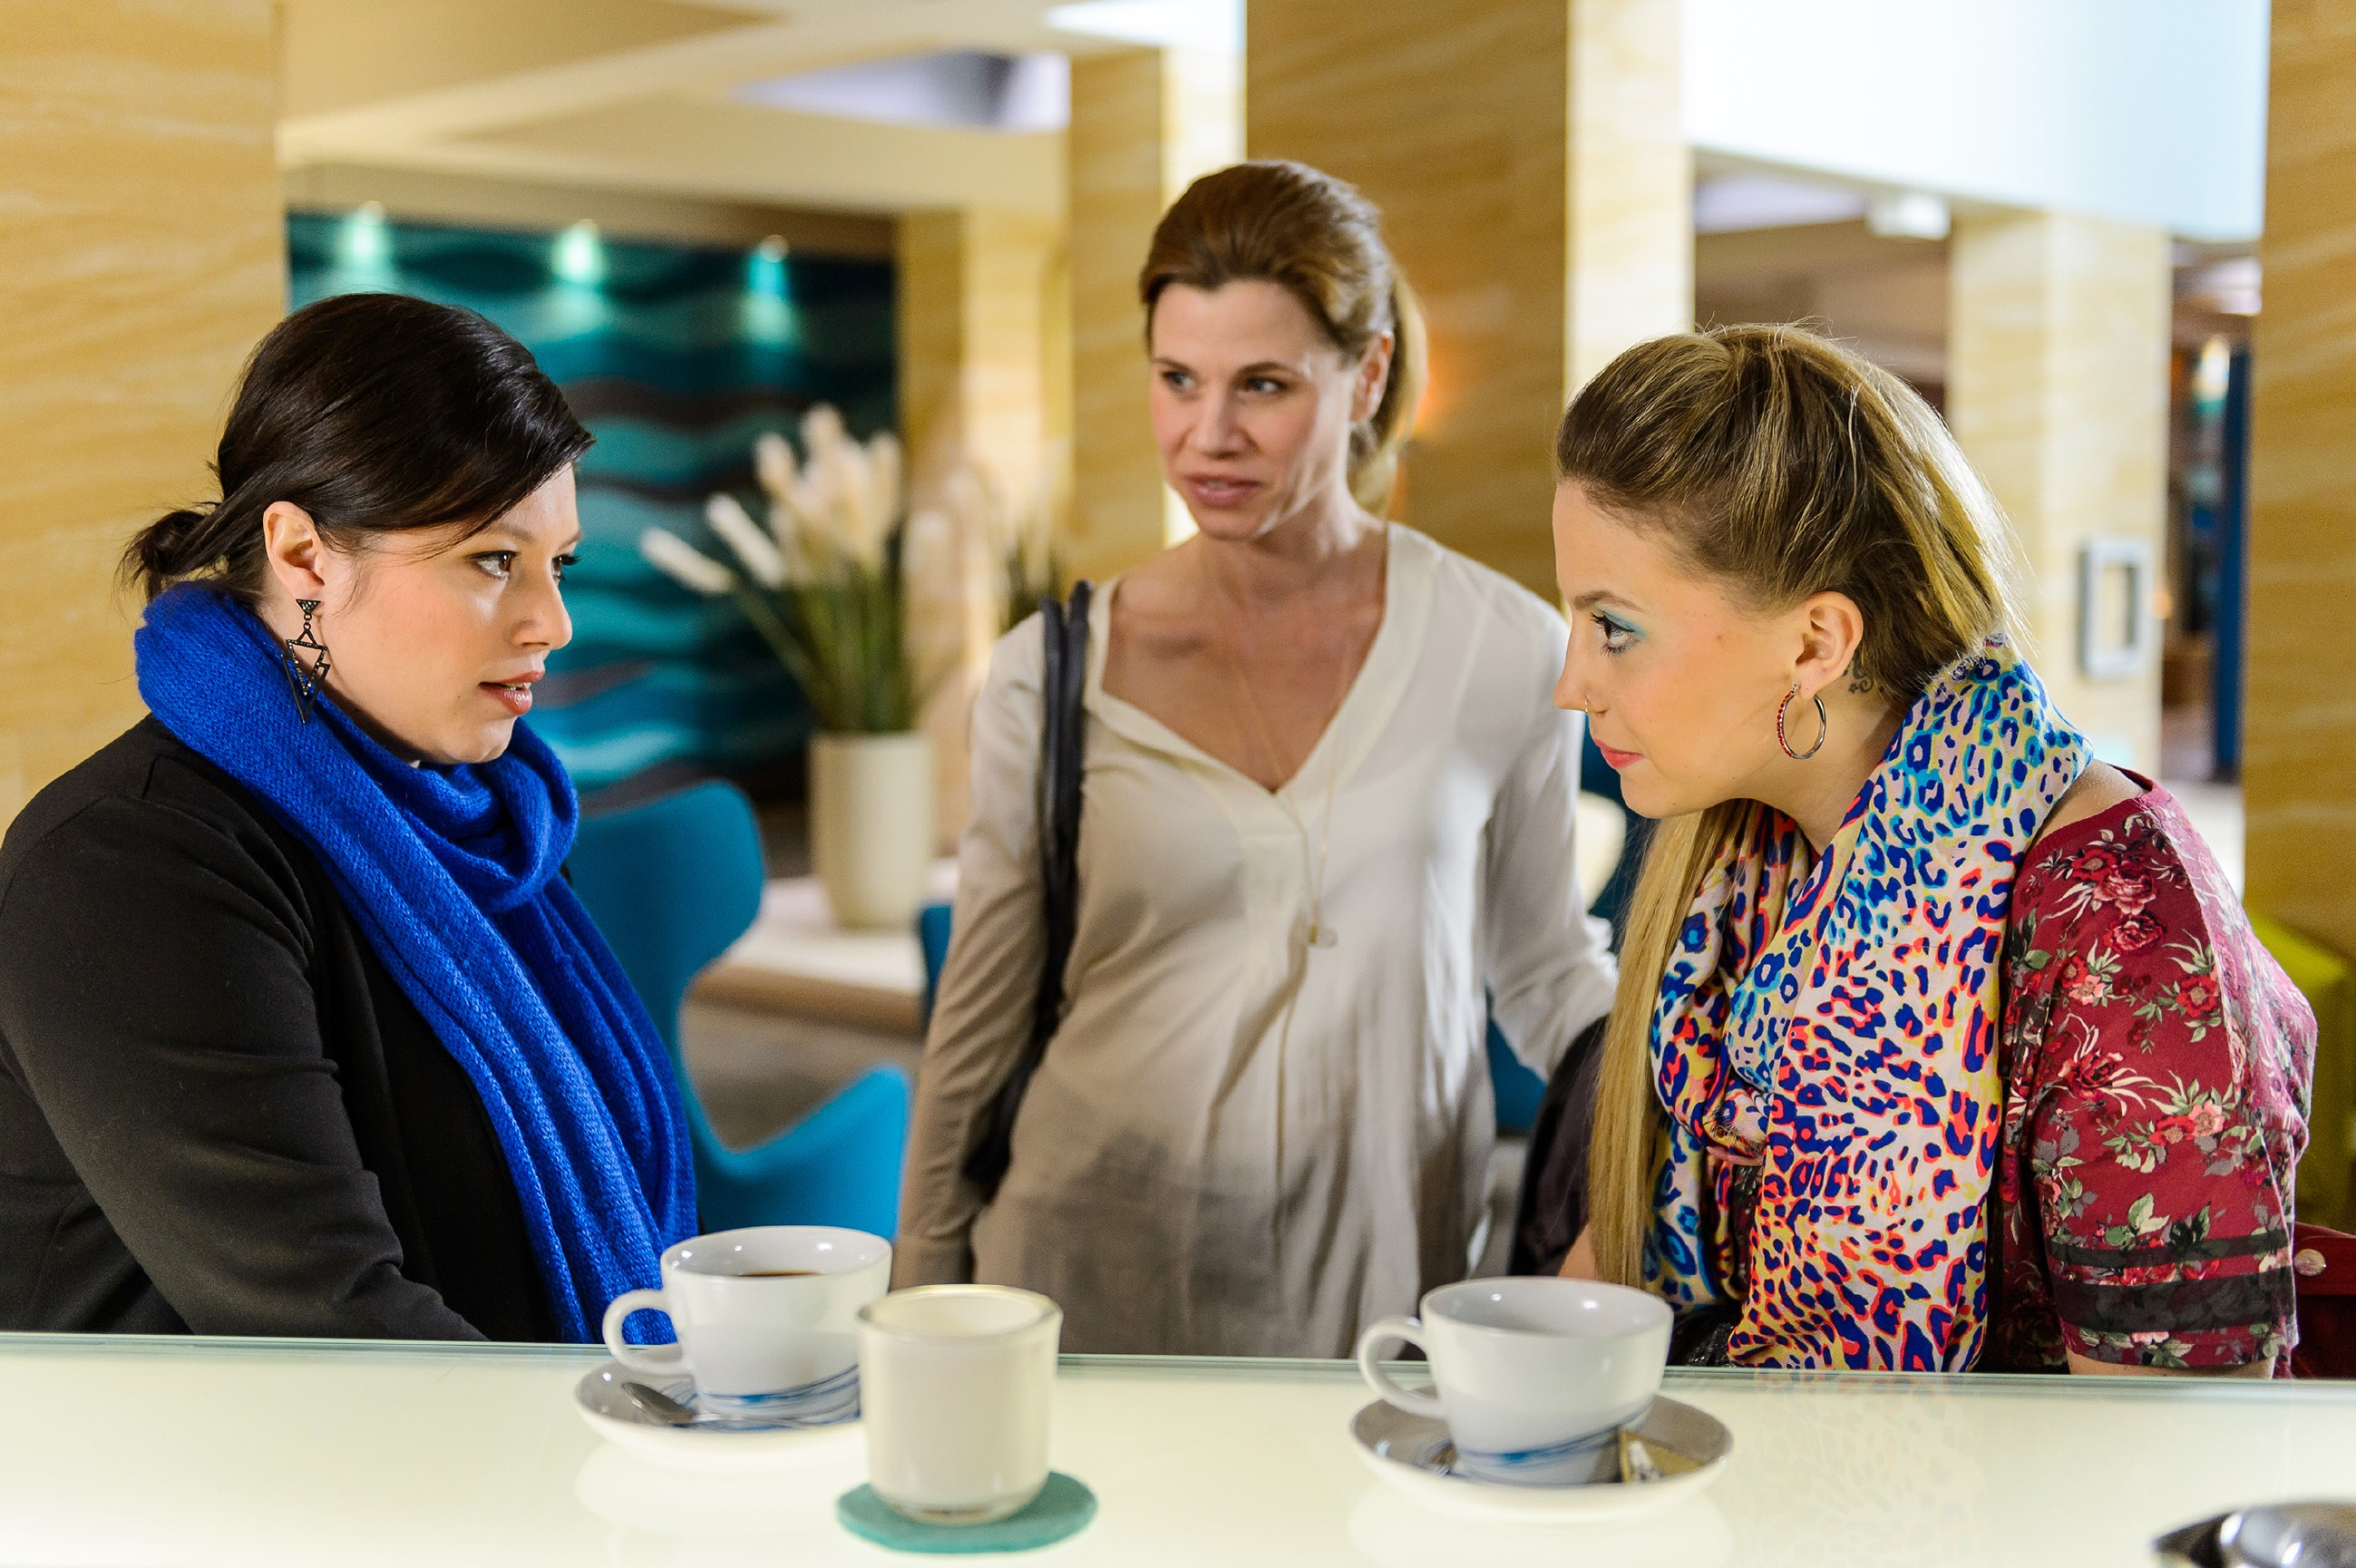 Iva (Christina Klein, r.) verschafft Vanessa (Julia Augustin, l.) eine Gelegenheit, um mehr über das Tattoo von Anne (Alexandra Seefisch) herauszufinden. (Quelle: RTL / Willi Weber)